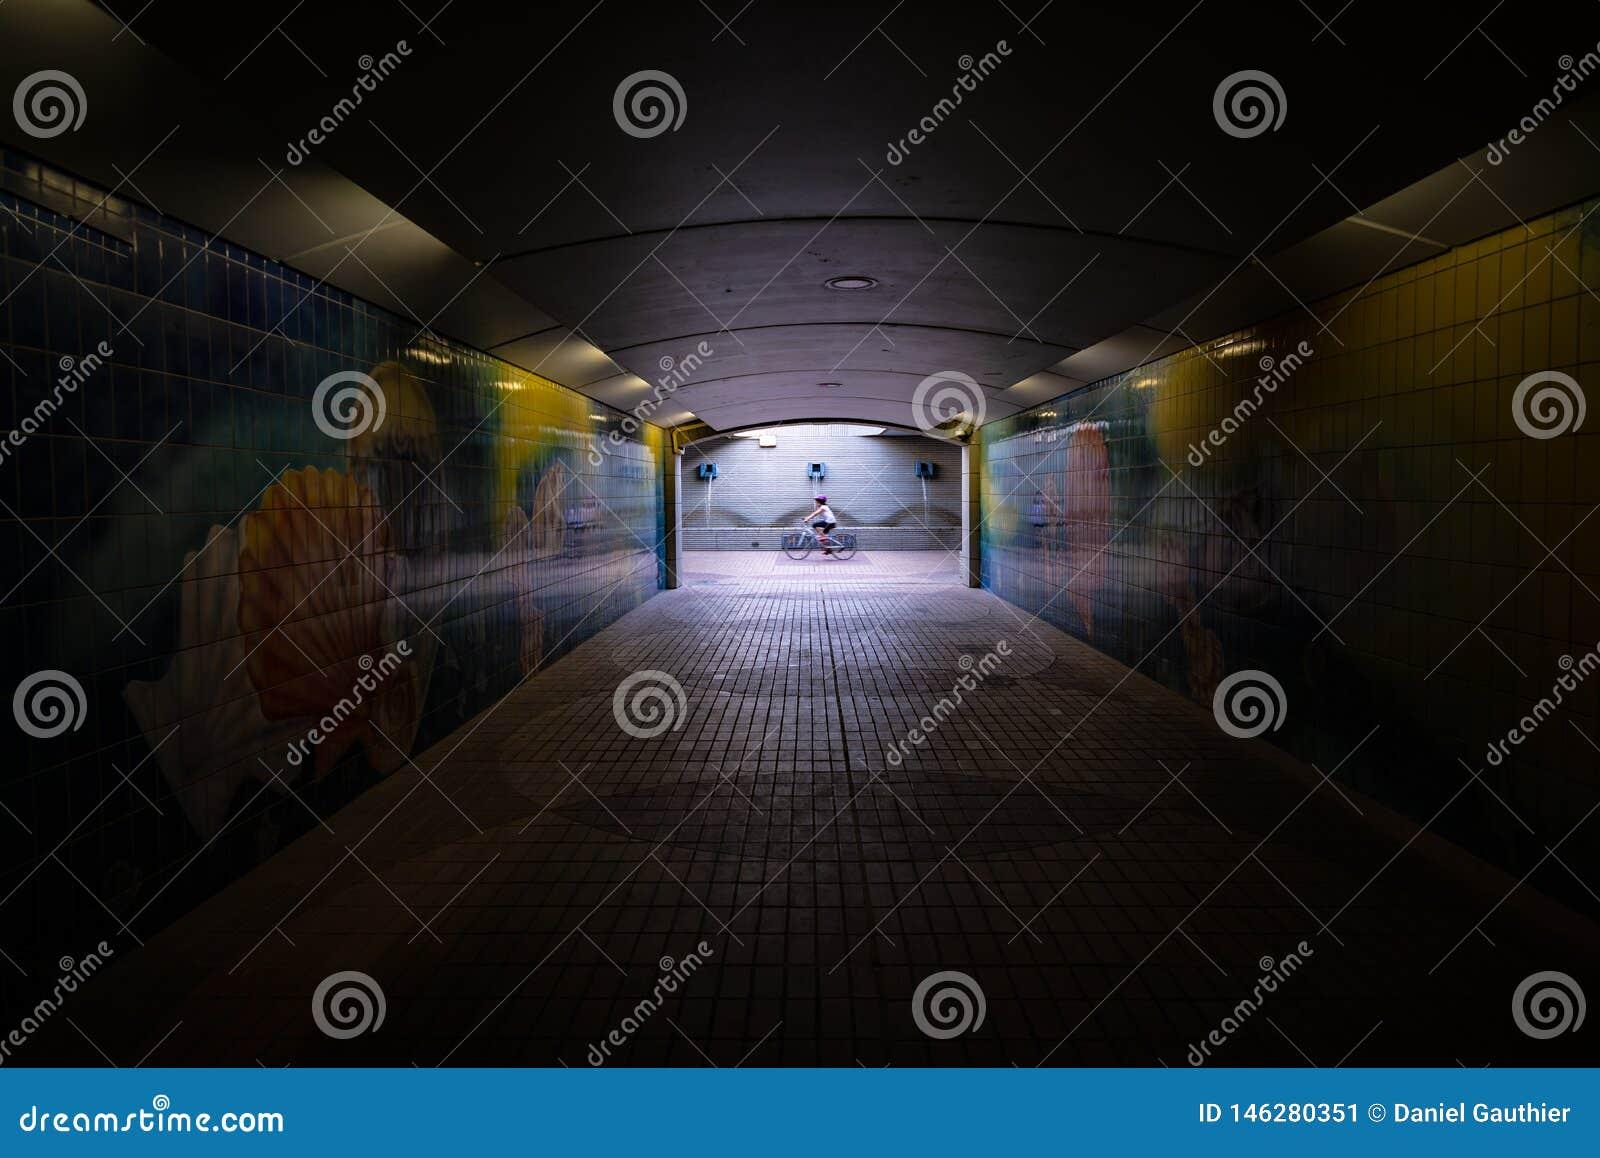 Dark pedestrian tunnel with one motion blurred cyclist, Abu Dhabi